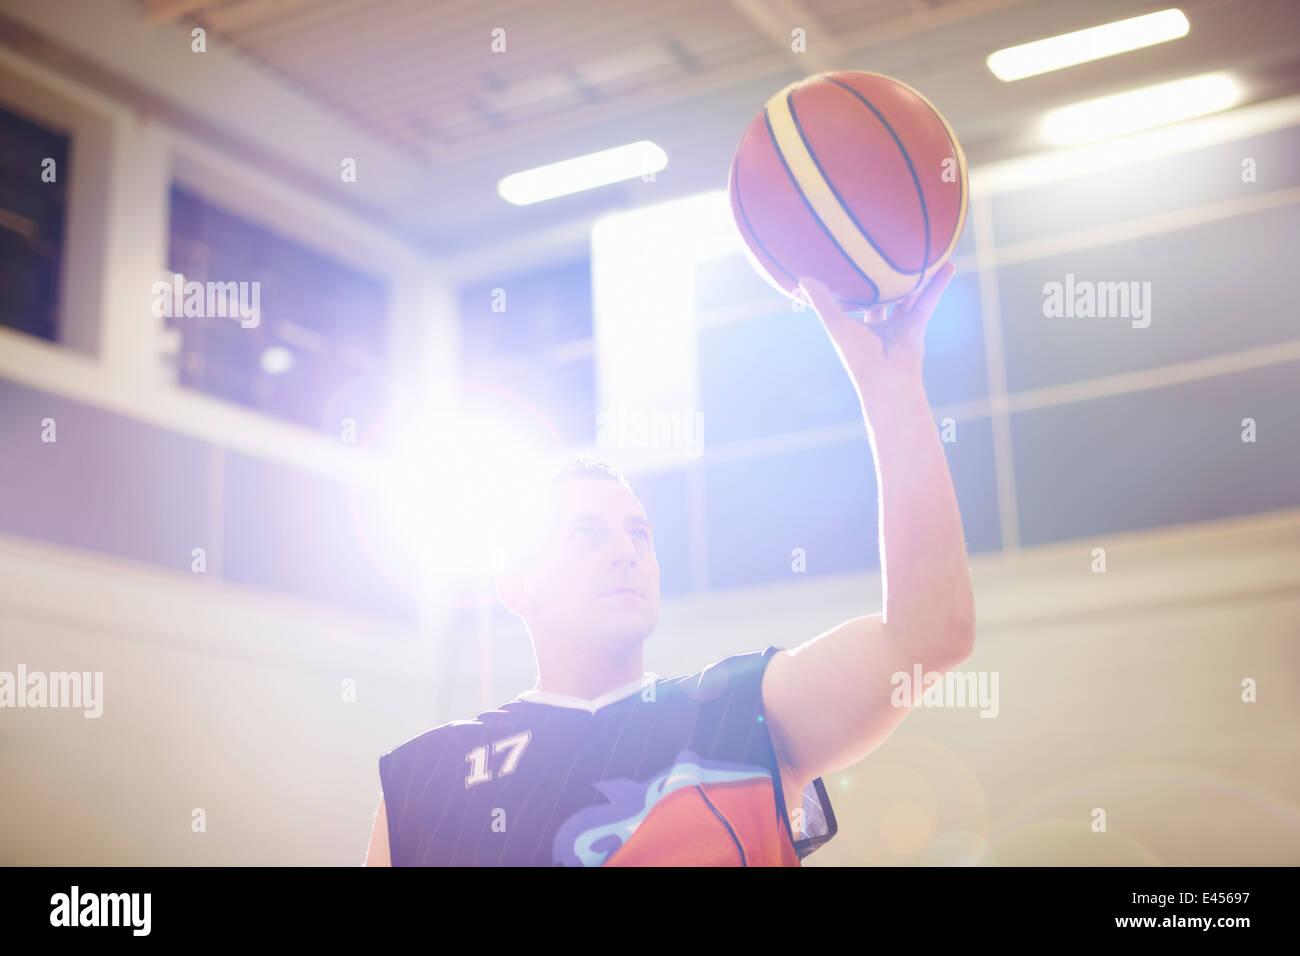 Wheelchair basketball player aiming ball - Stock Image